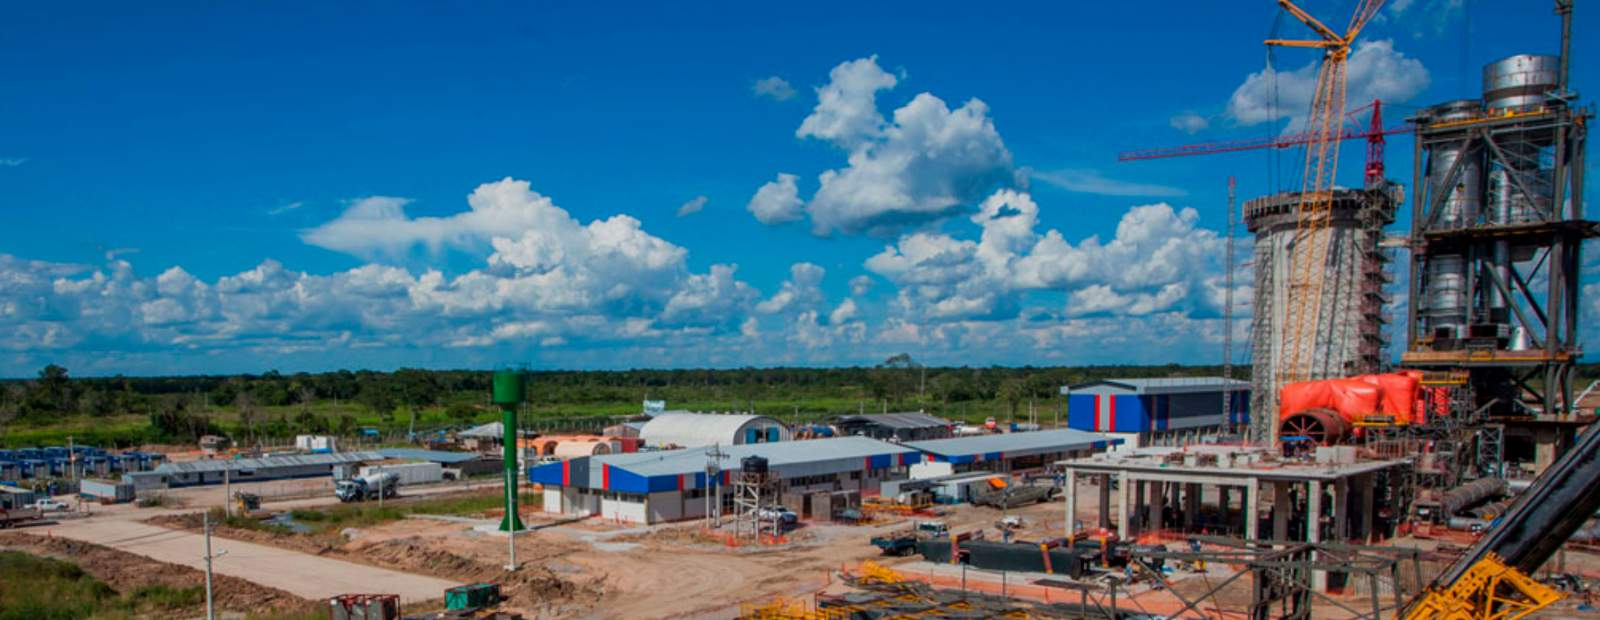 itacamba-cemento-s-a-santa-cruz-bolivia-3-proyecto-saxum-mineria-industria-construccion-empresas-ingenieria-argentina-litio-cementera